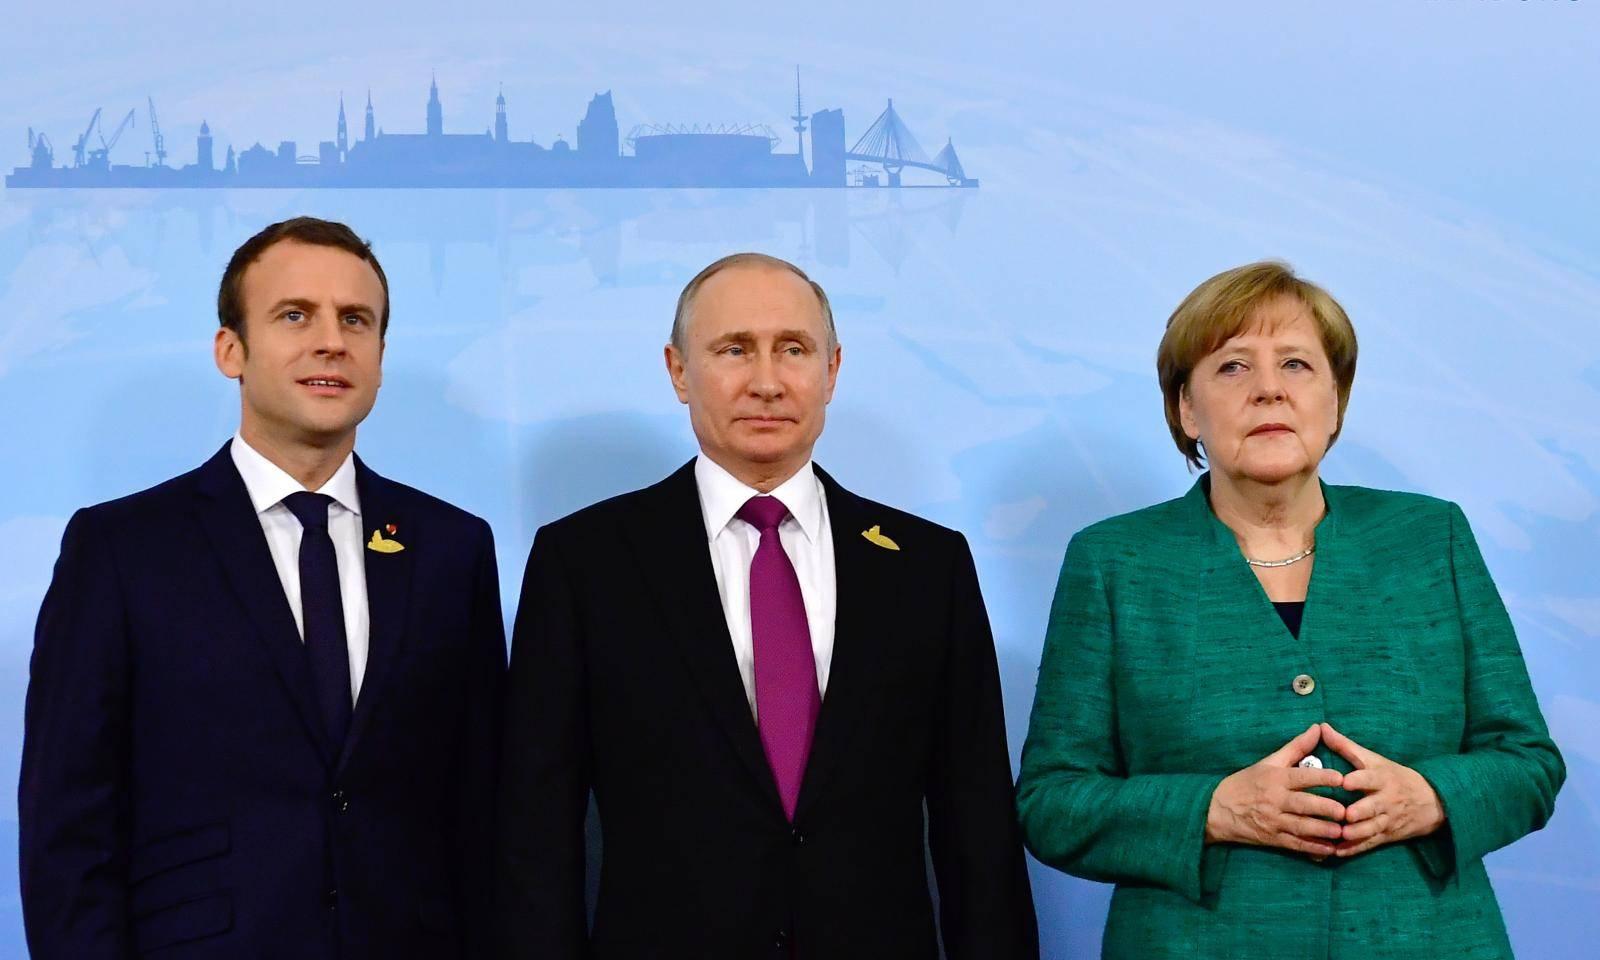 G20 Summit - Trilateral Talks